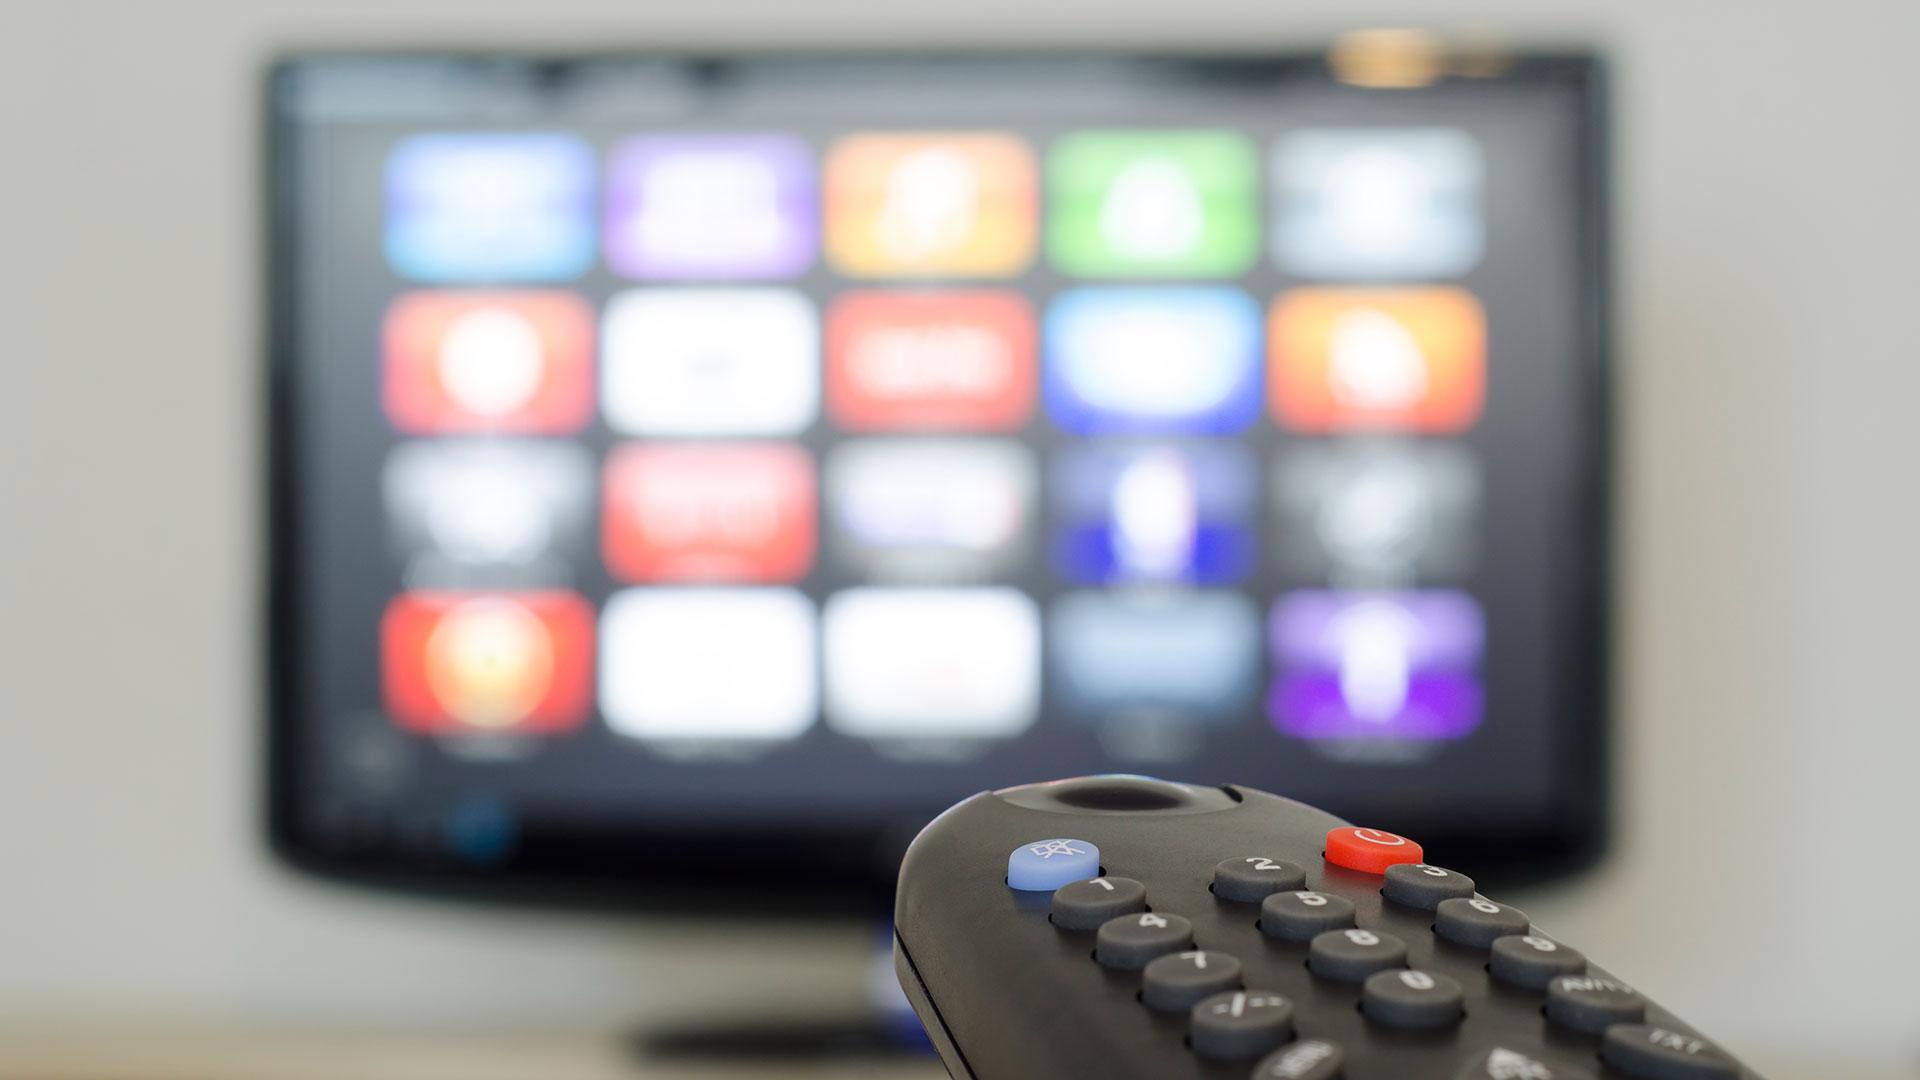 El streaming necesita mejorar sus ofertas para crecer como negocio. (iStock)